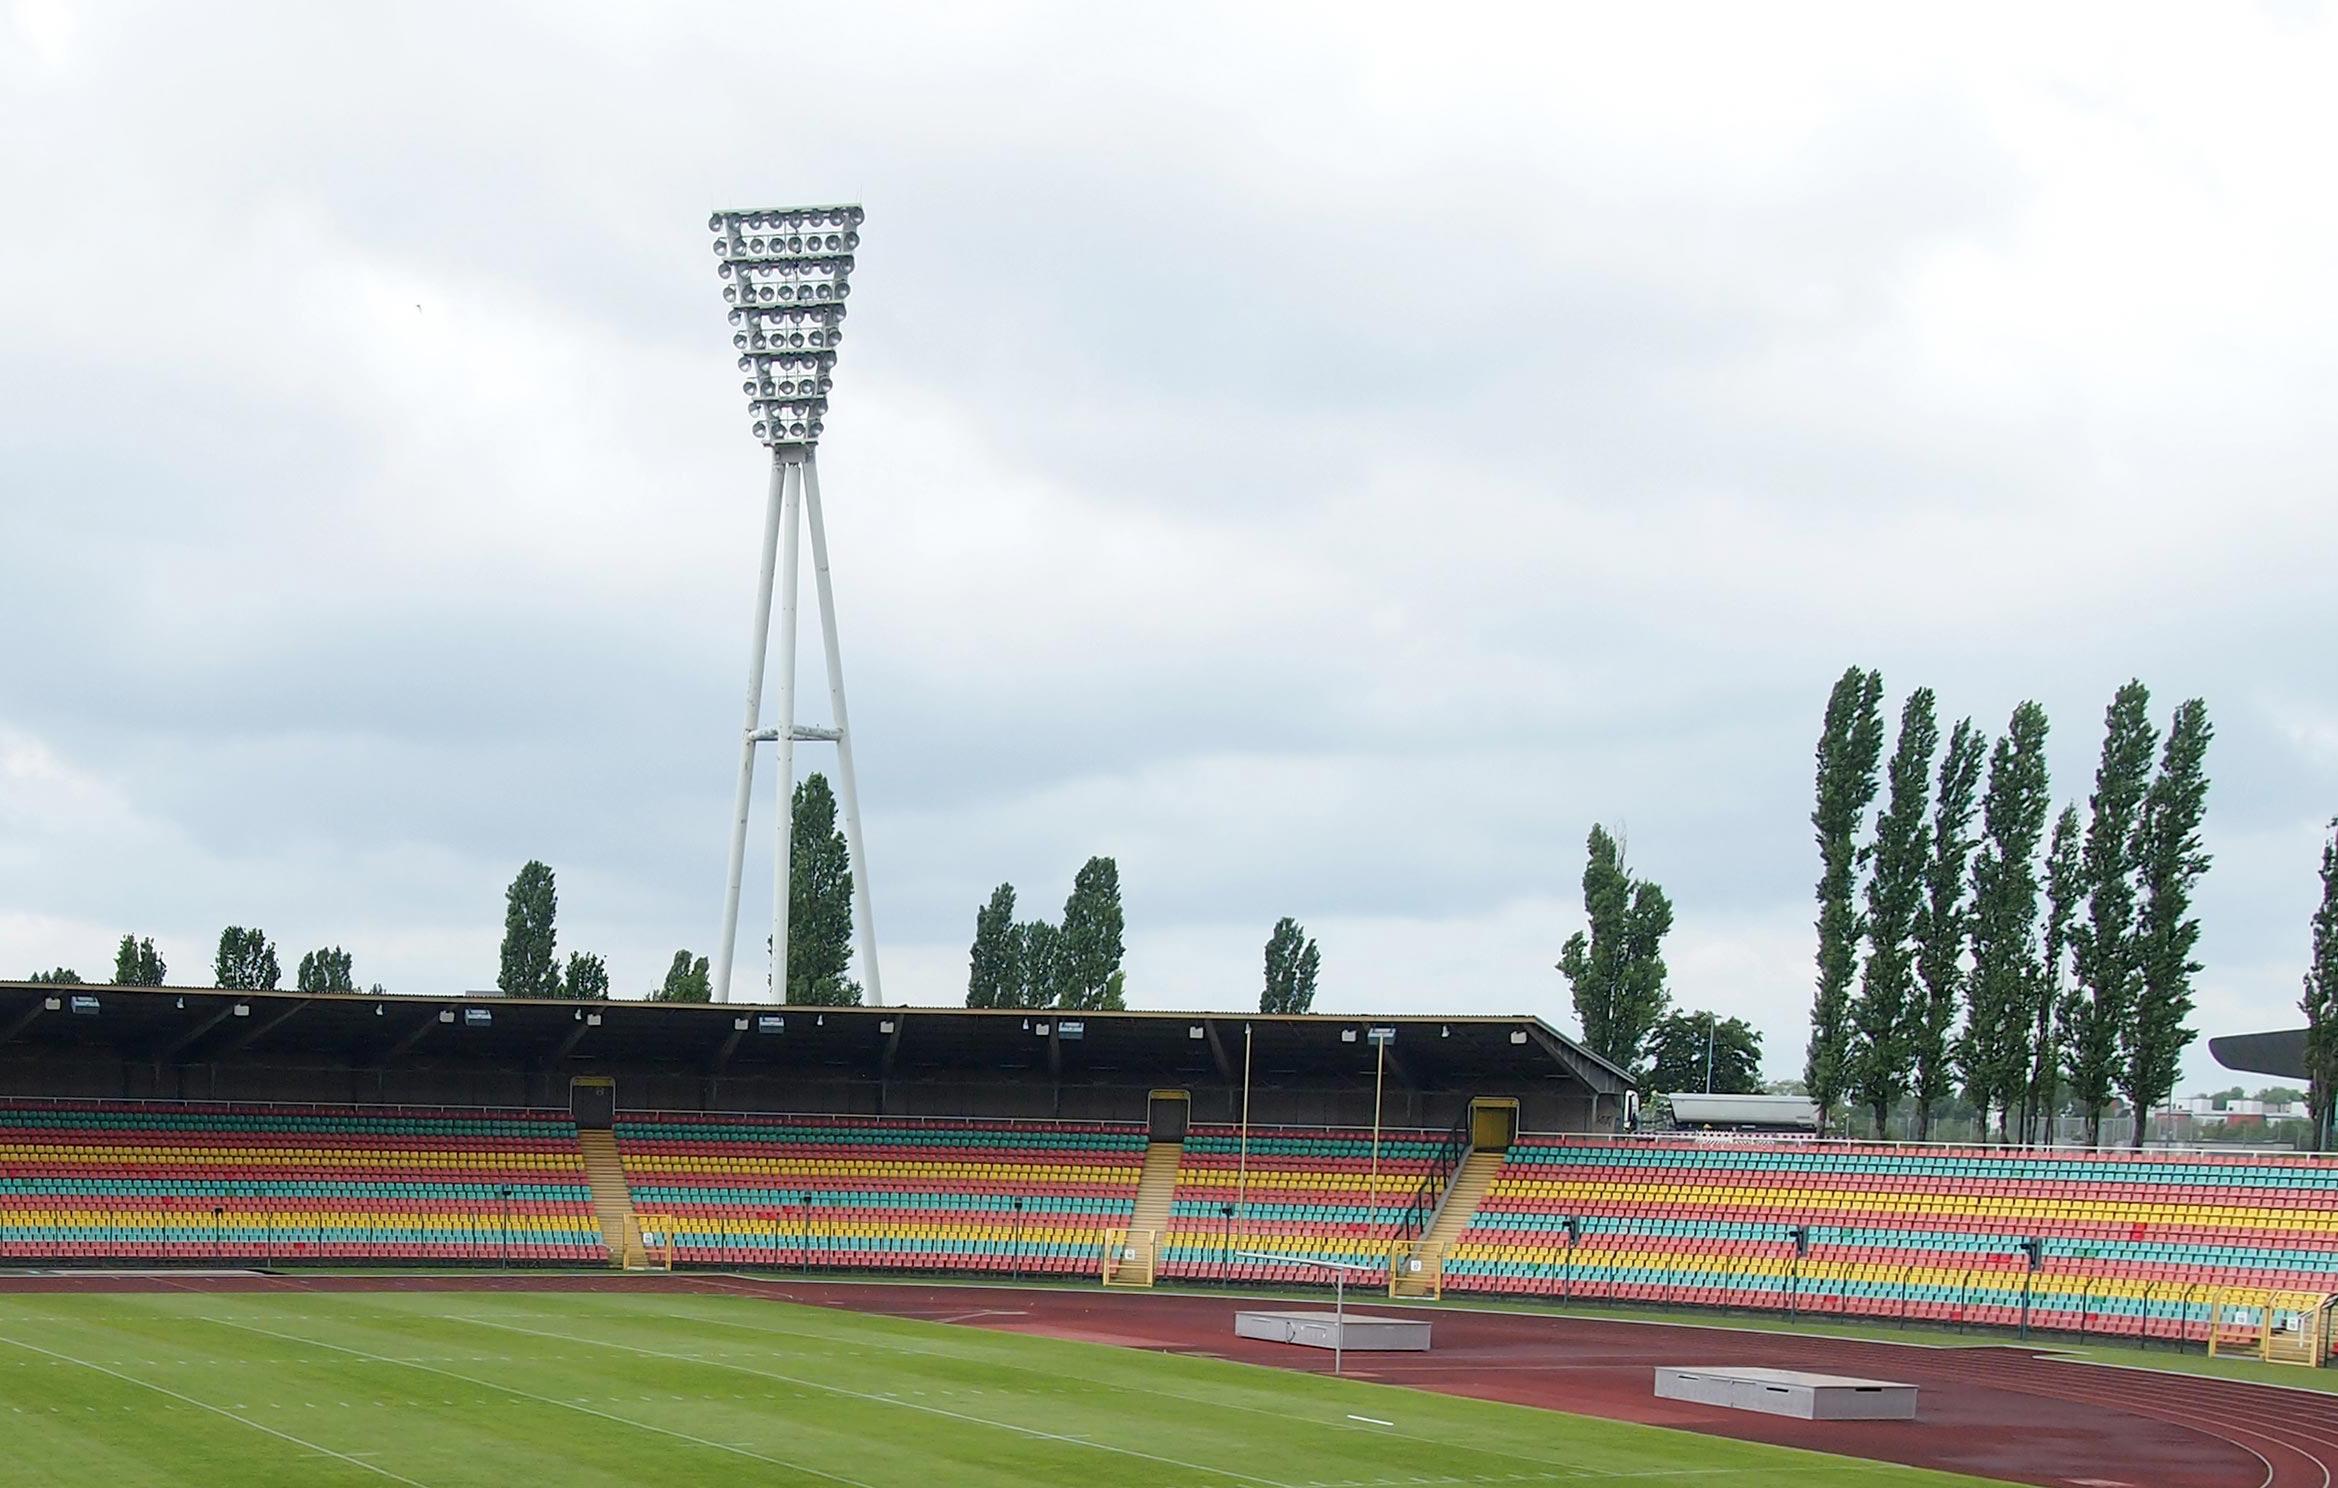 2016, Bedarfsplanung und Machbarkeitsstudie Friedrich-Ludwig-Jahn Sportpark Berlin